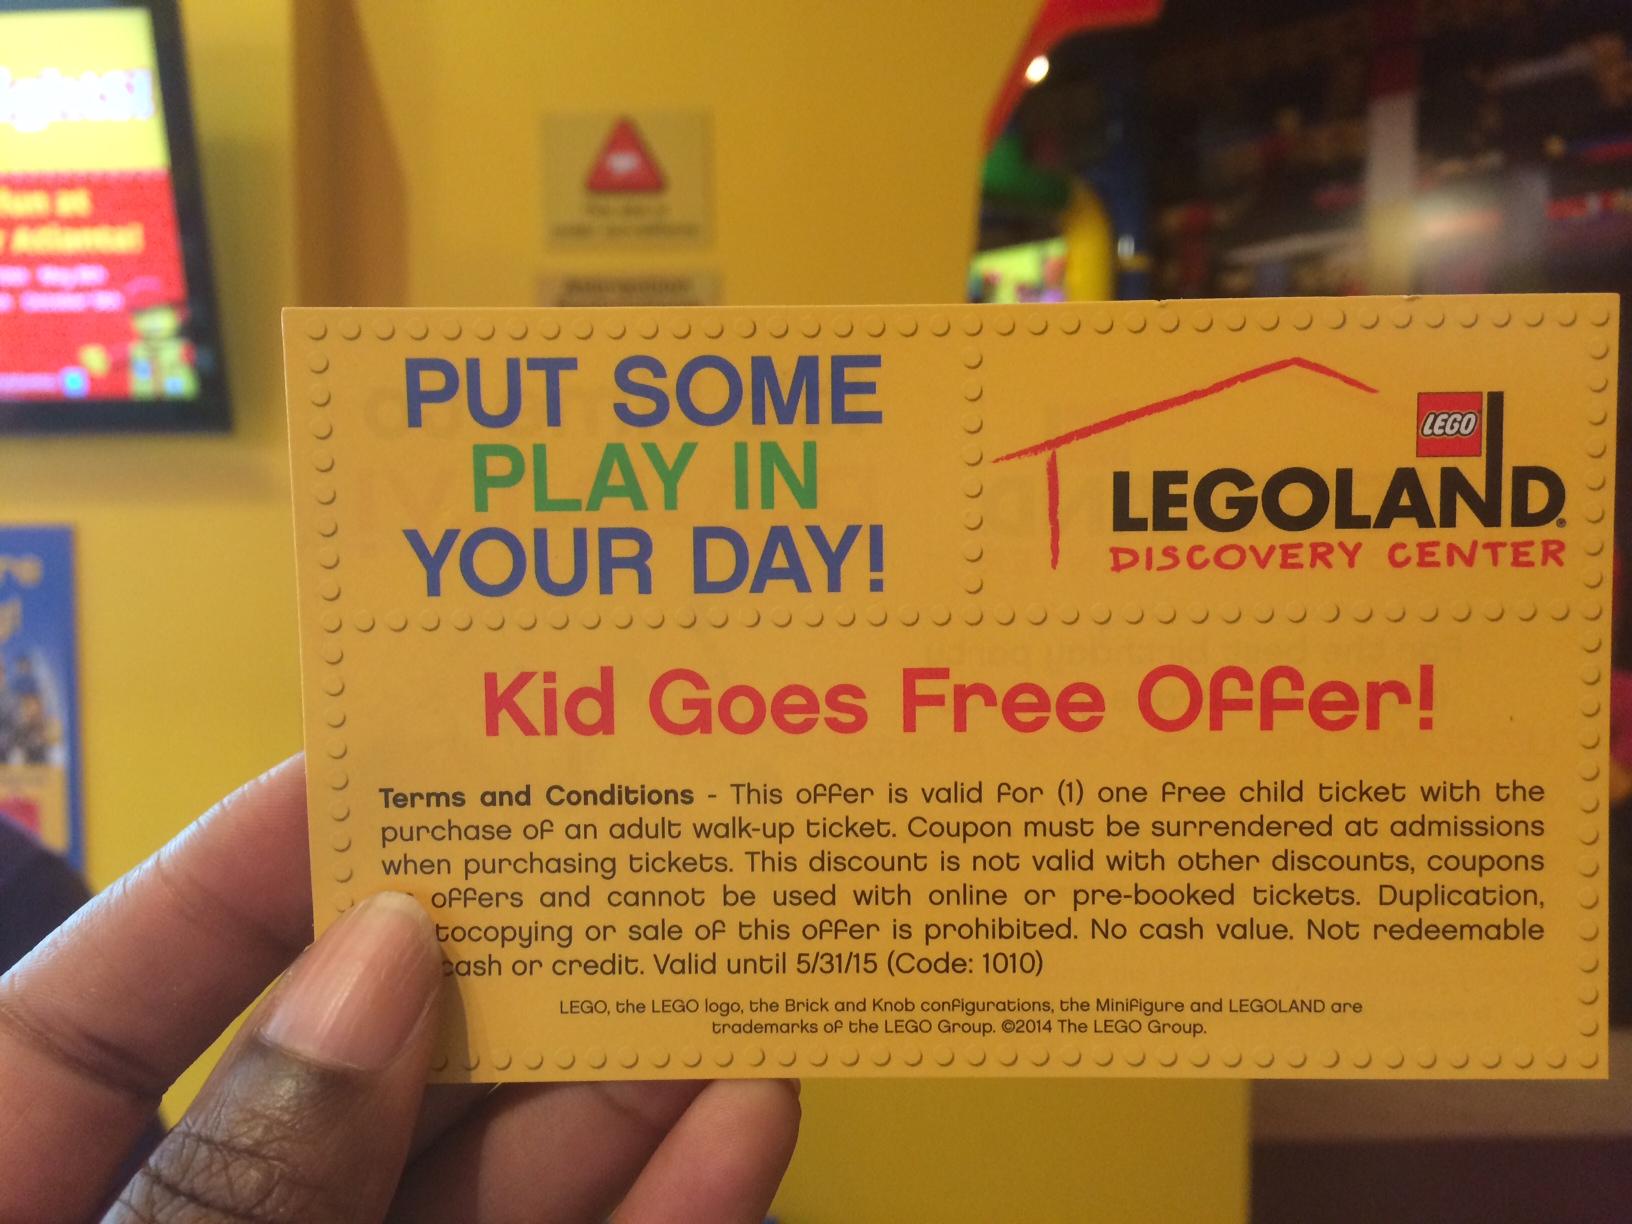 July 2014 Legoland Discovery Center Atlanta Events